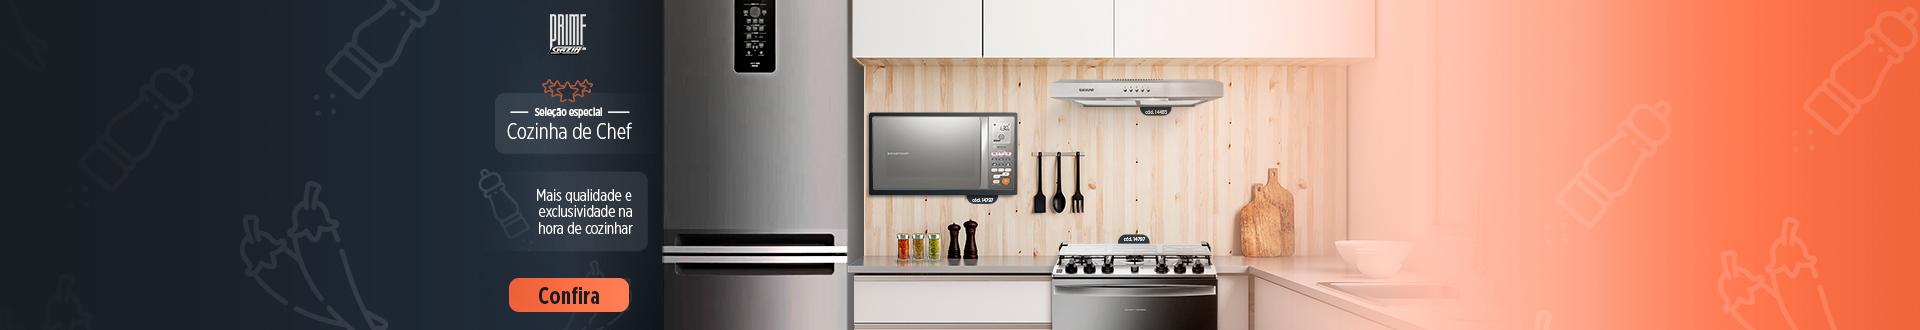 Cozinha de Chef - Linha Prime